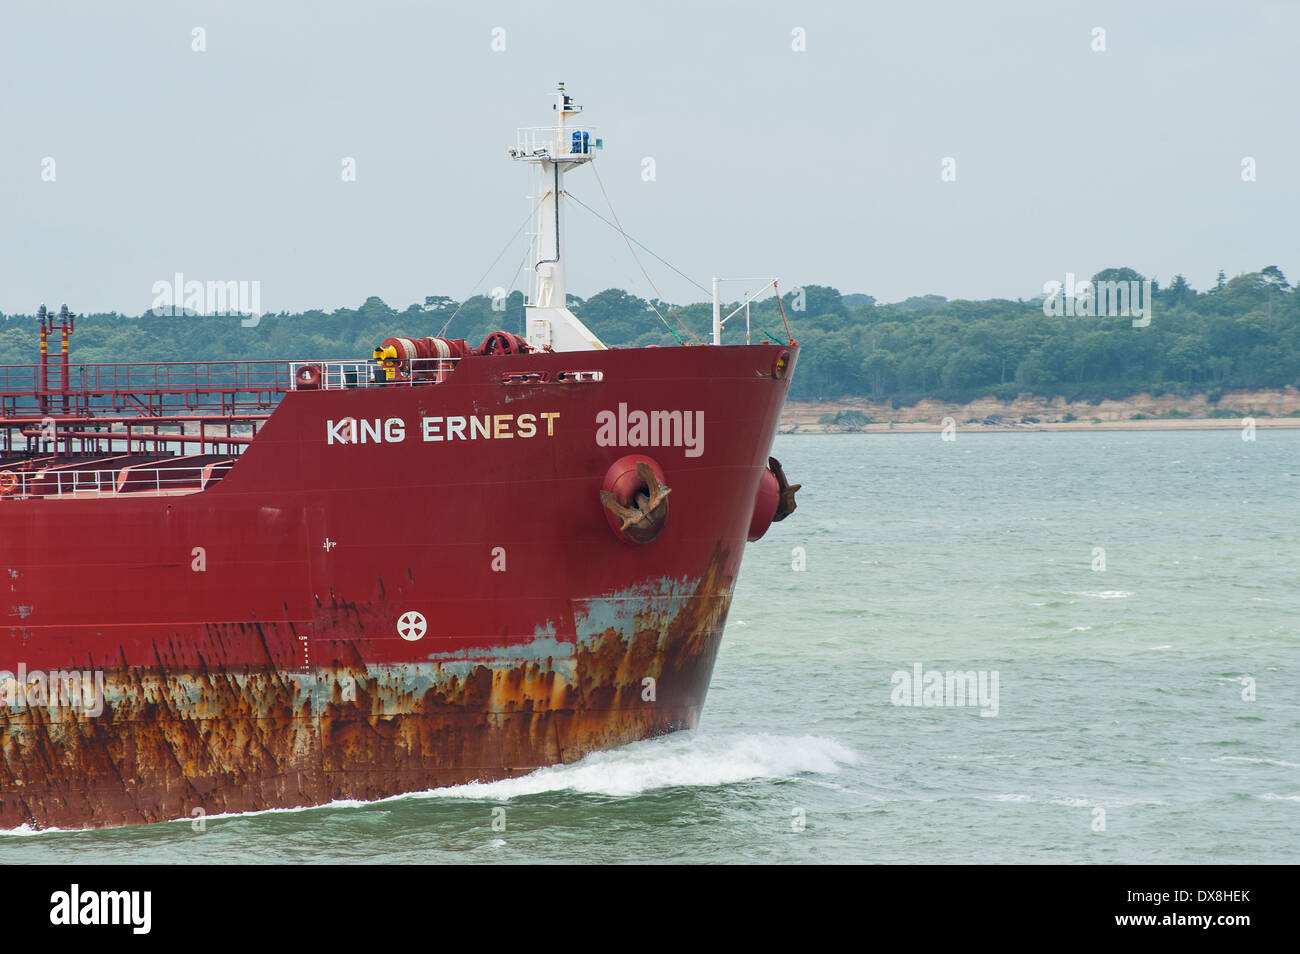 Sección de proa del Rey Ernest, petróleo/cisterna para productos químicos. Foto de stock